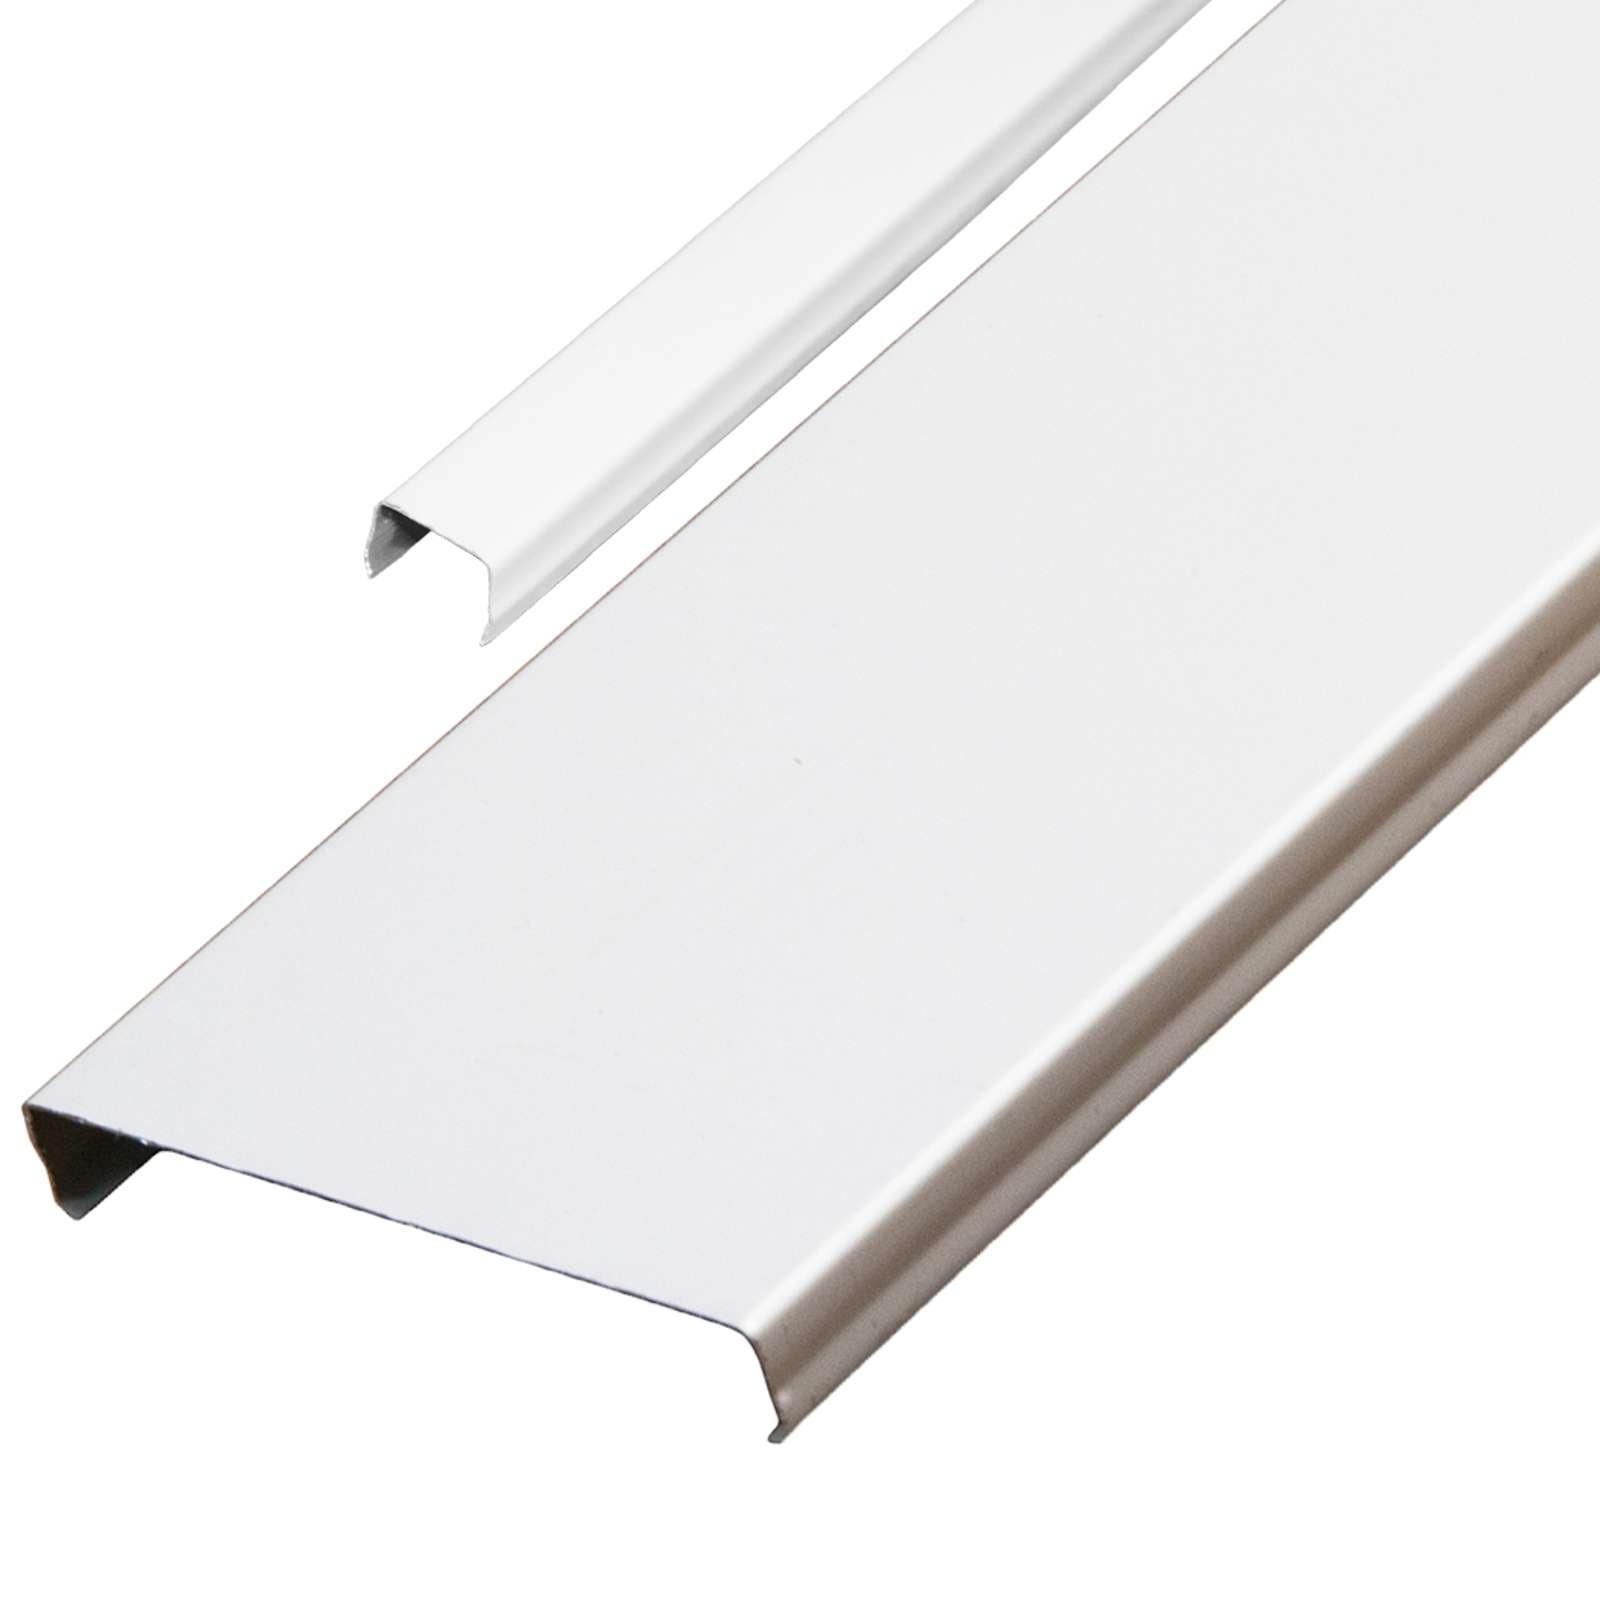 Комплект потолочный 1,7х1,7м эк AN85A белый RUS с раскладкой белый матовый RUS